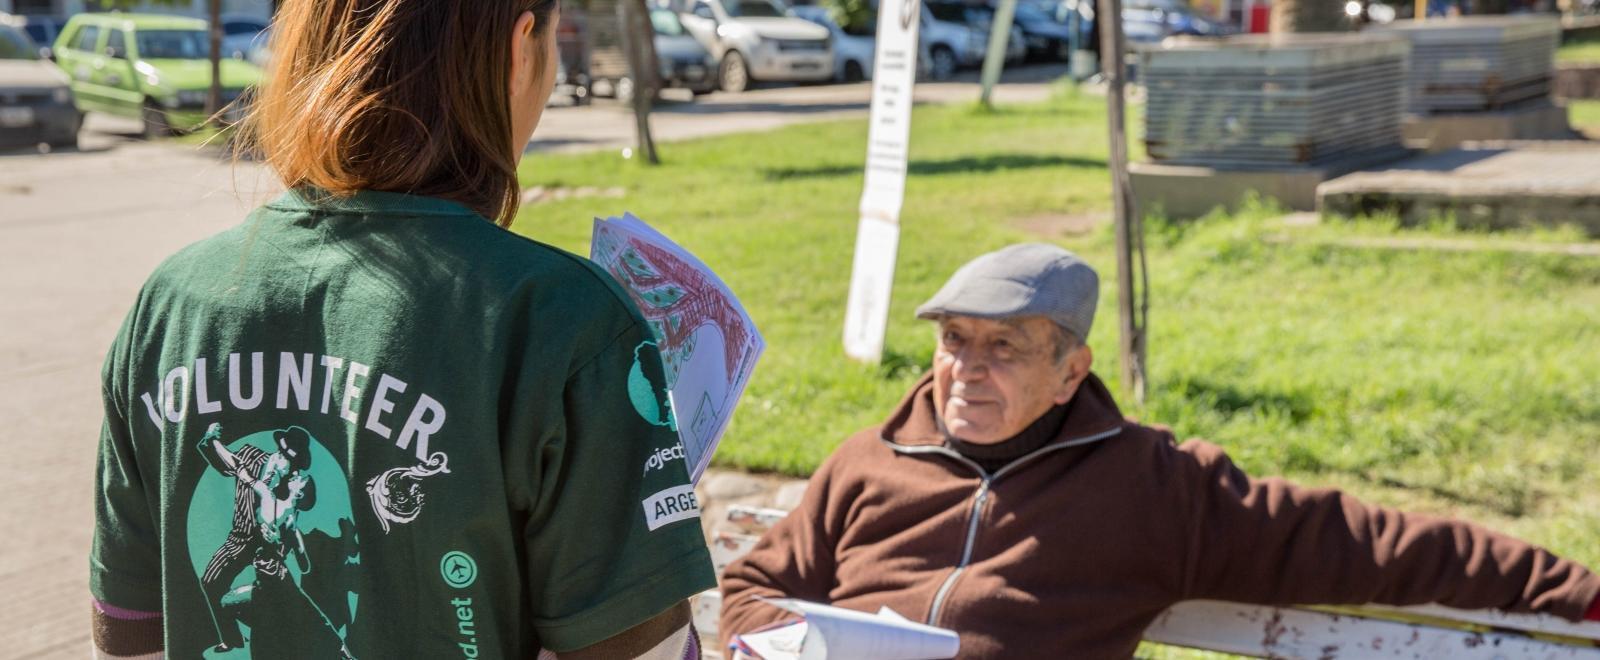 Interna de Derechos Humanos en Argentina conversa con habitante local durante una campaña de concientización.